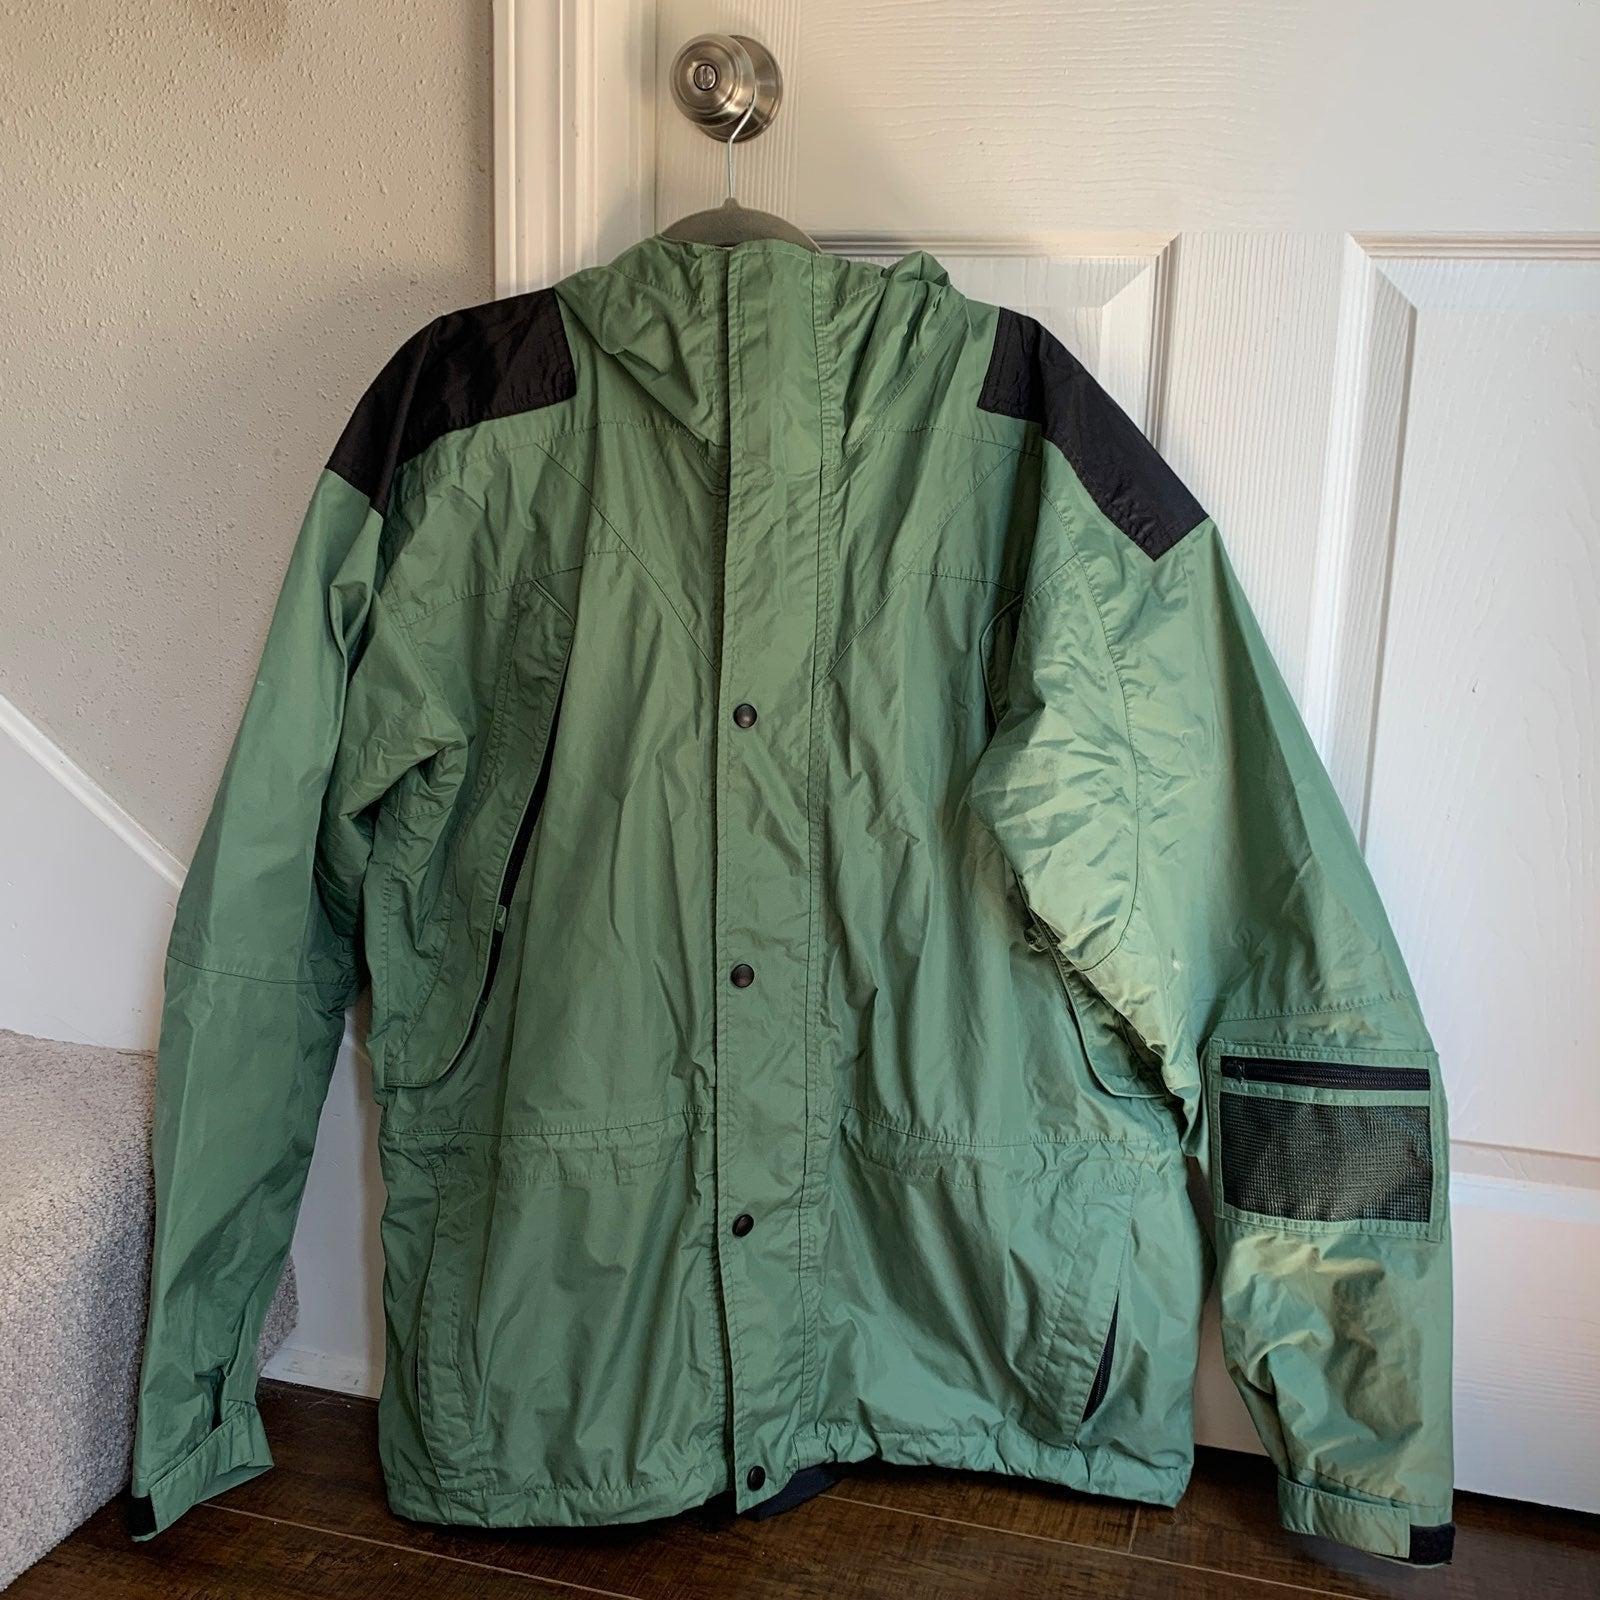 G.H. Bass & Co. Men's Rain Jacket (XL)